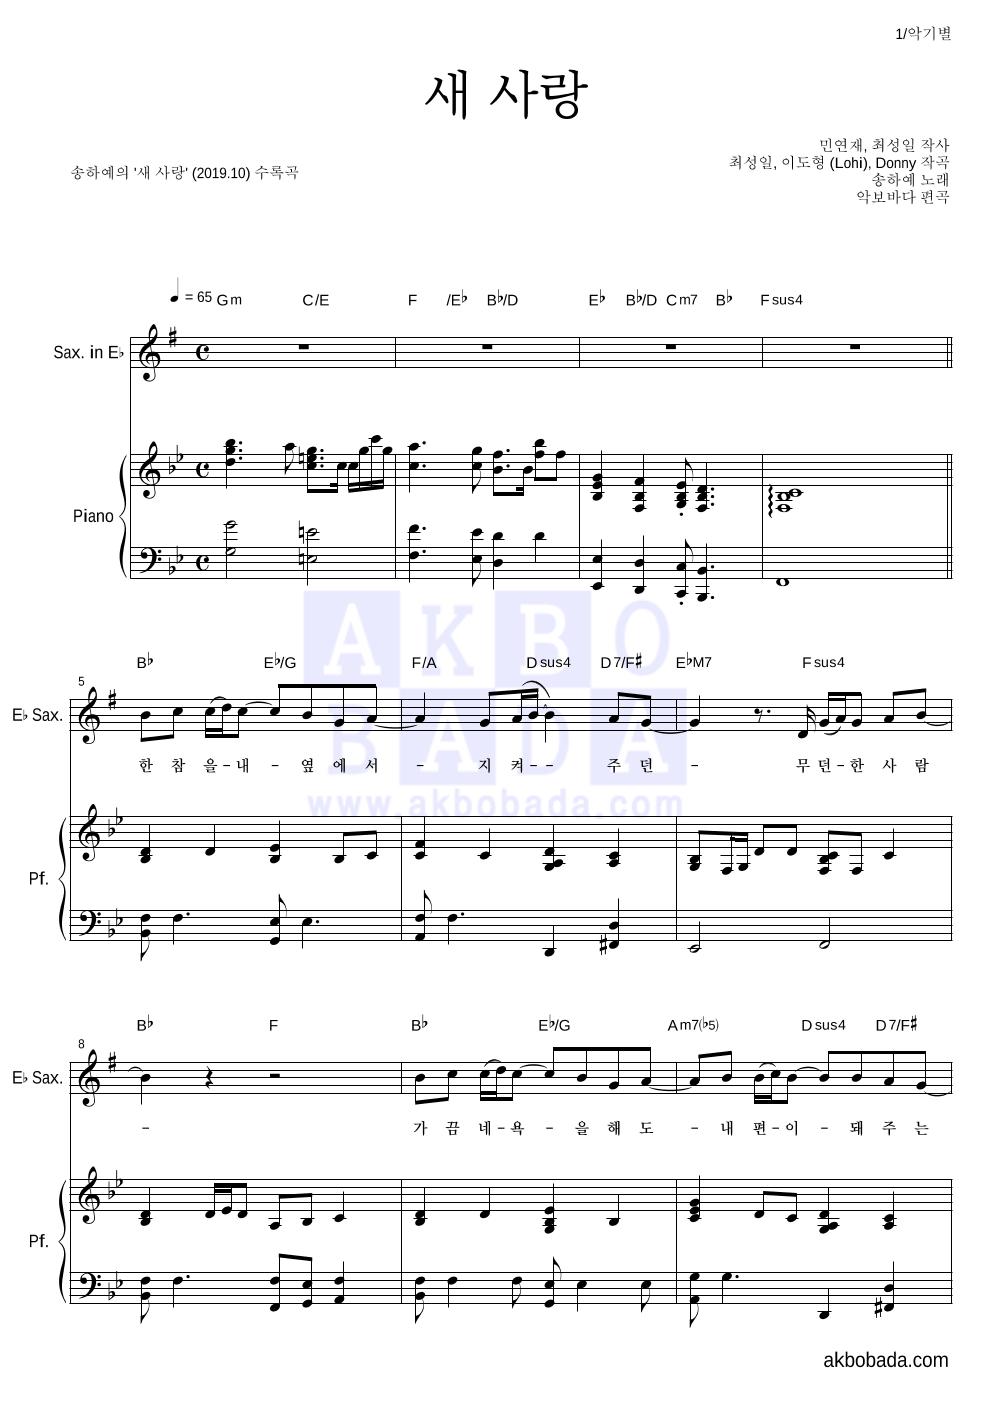 송하예 - 새 사랑  악보